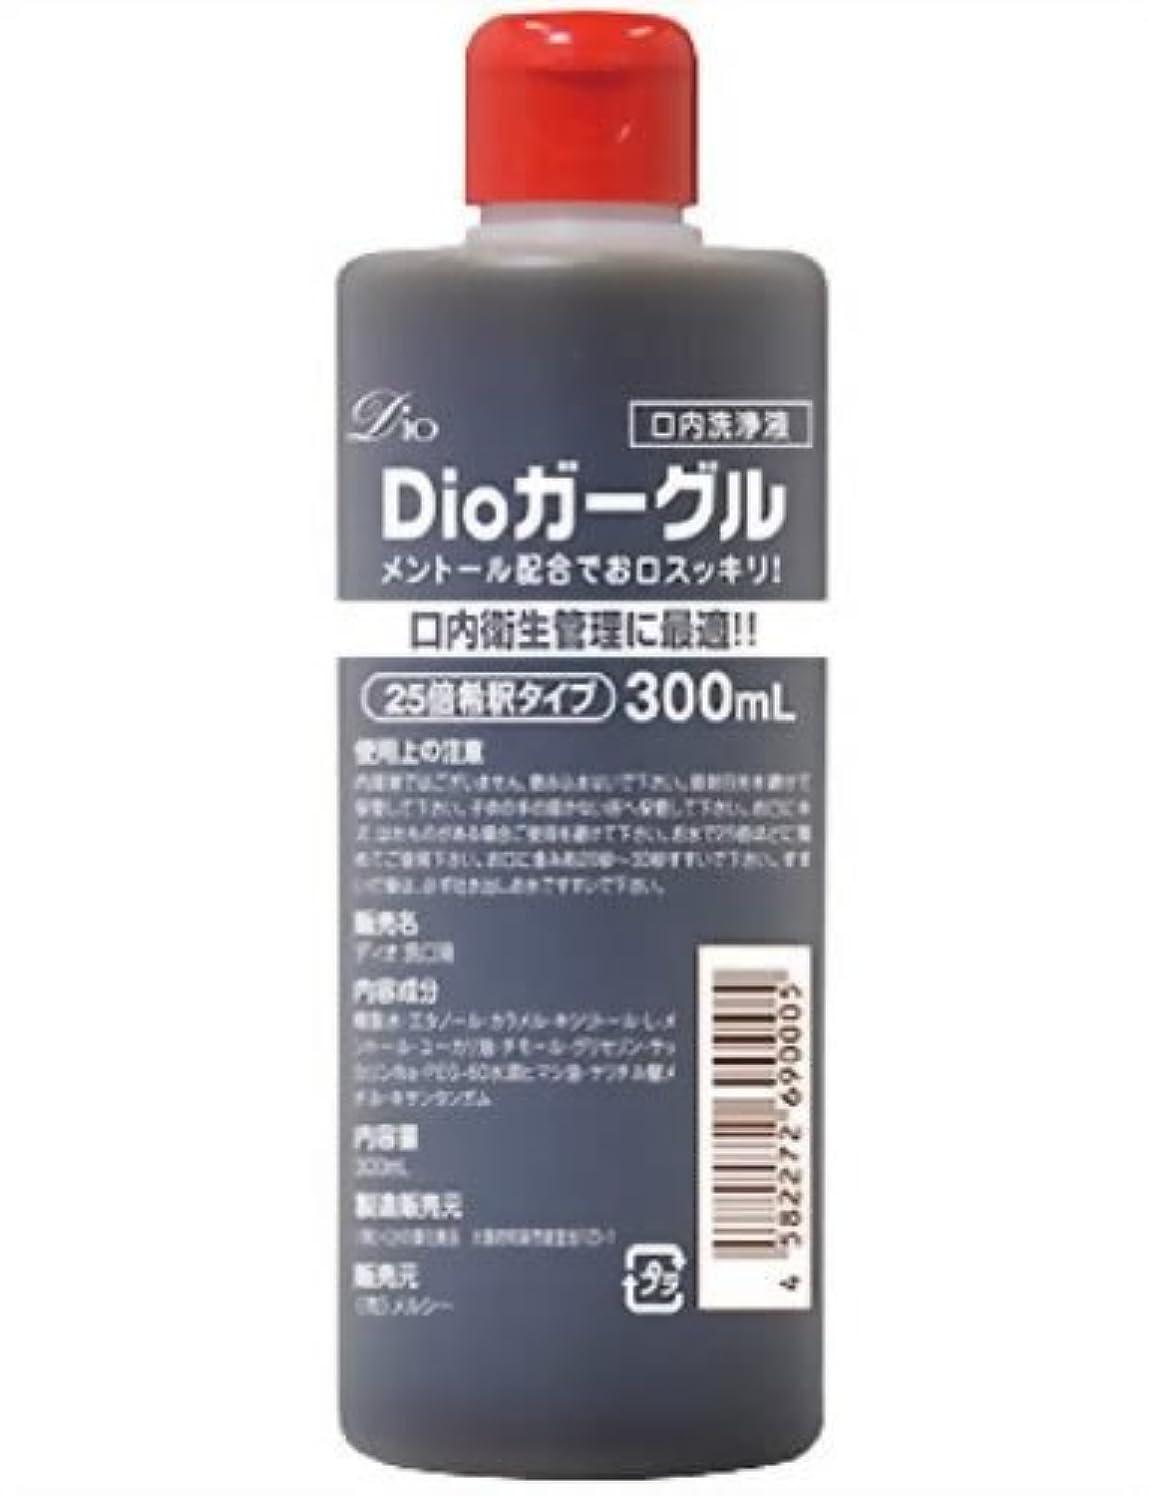 正直欠員来て【業務用】 Dioガーグル 300ml